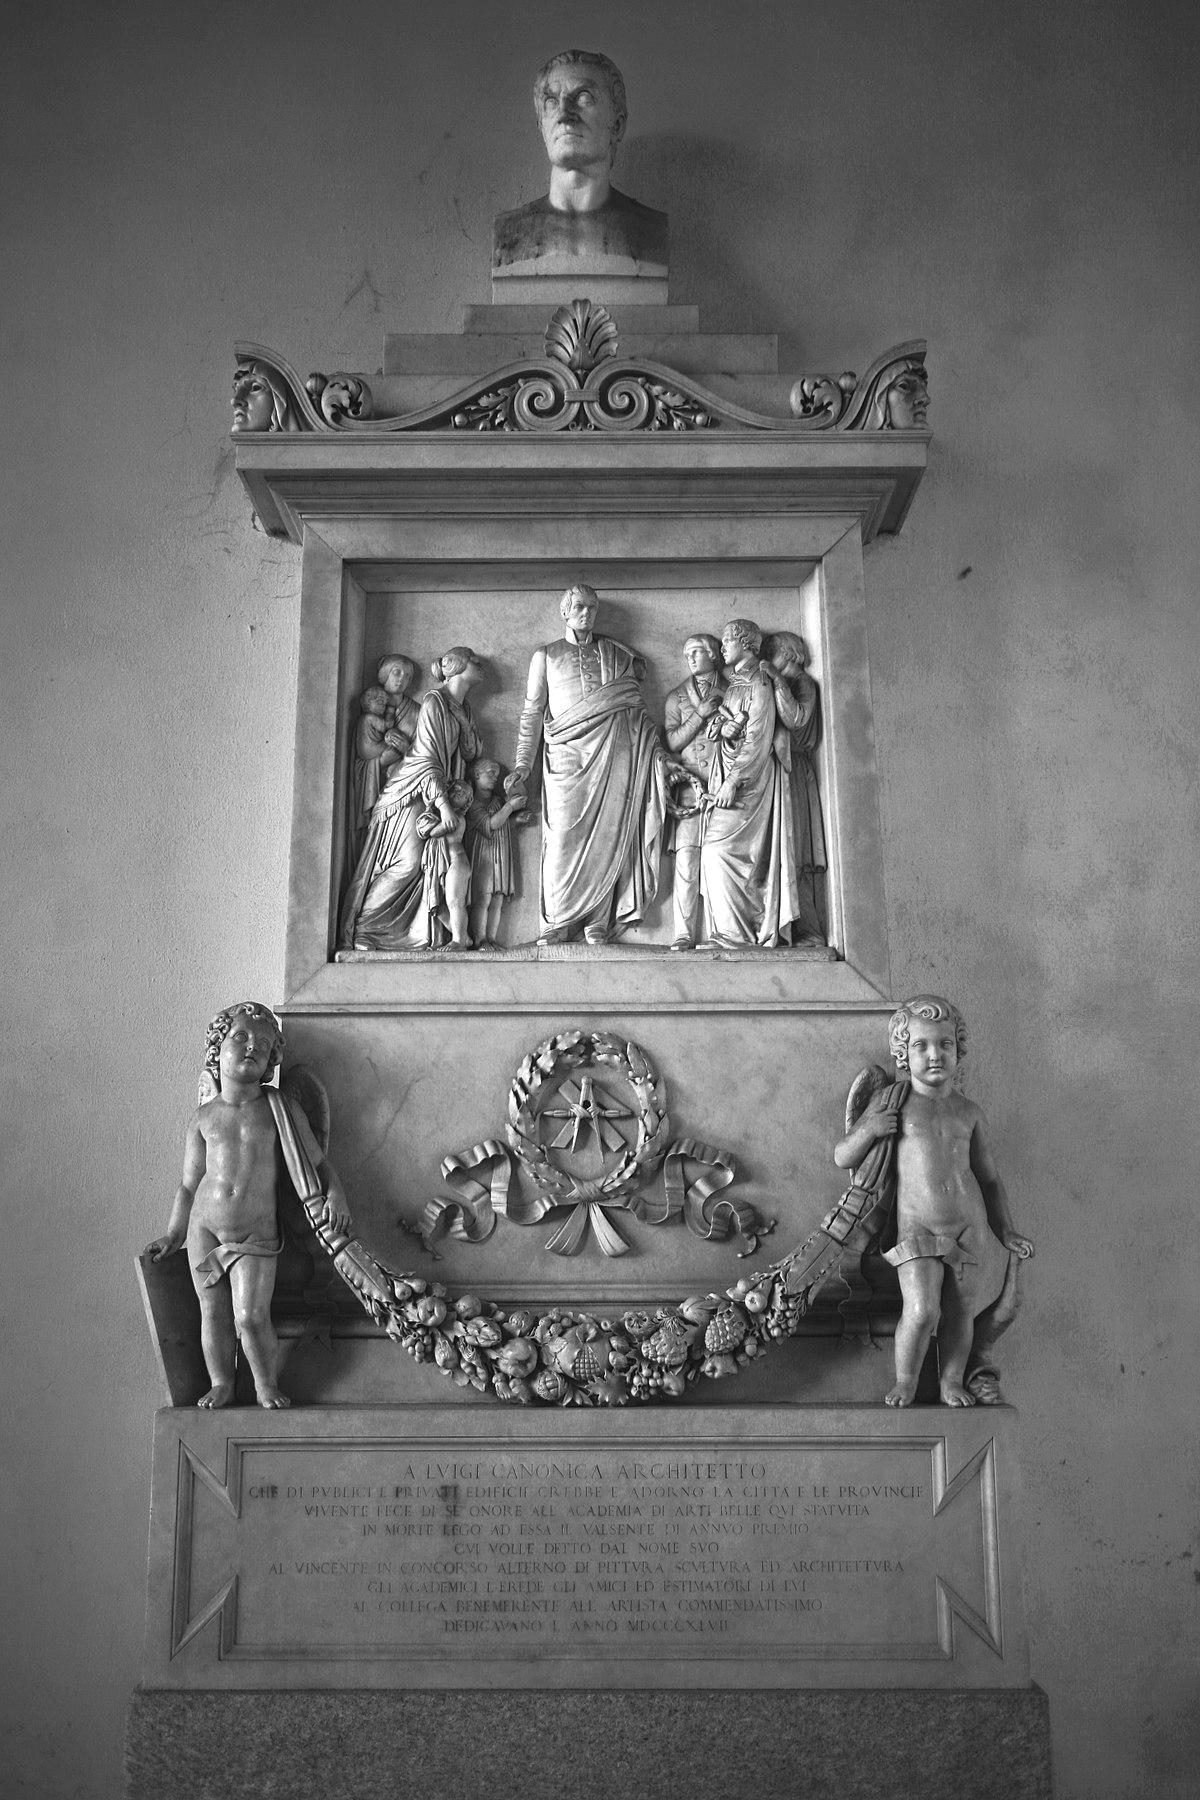 Monumento a luigi canonica wikipedia for Accademia di milano